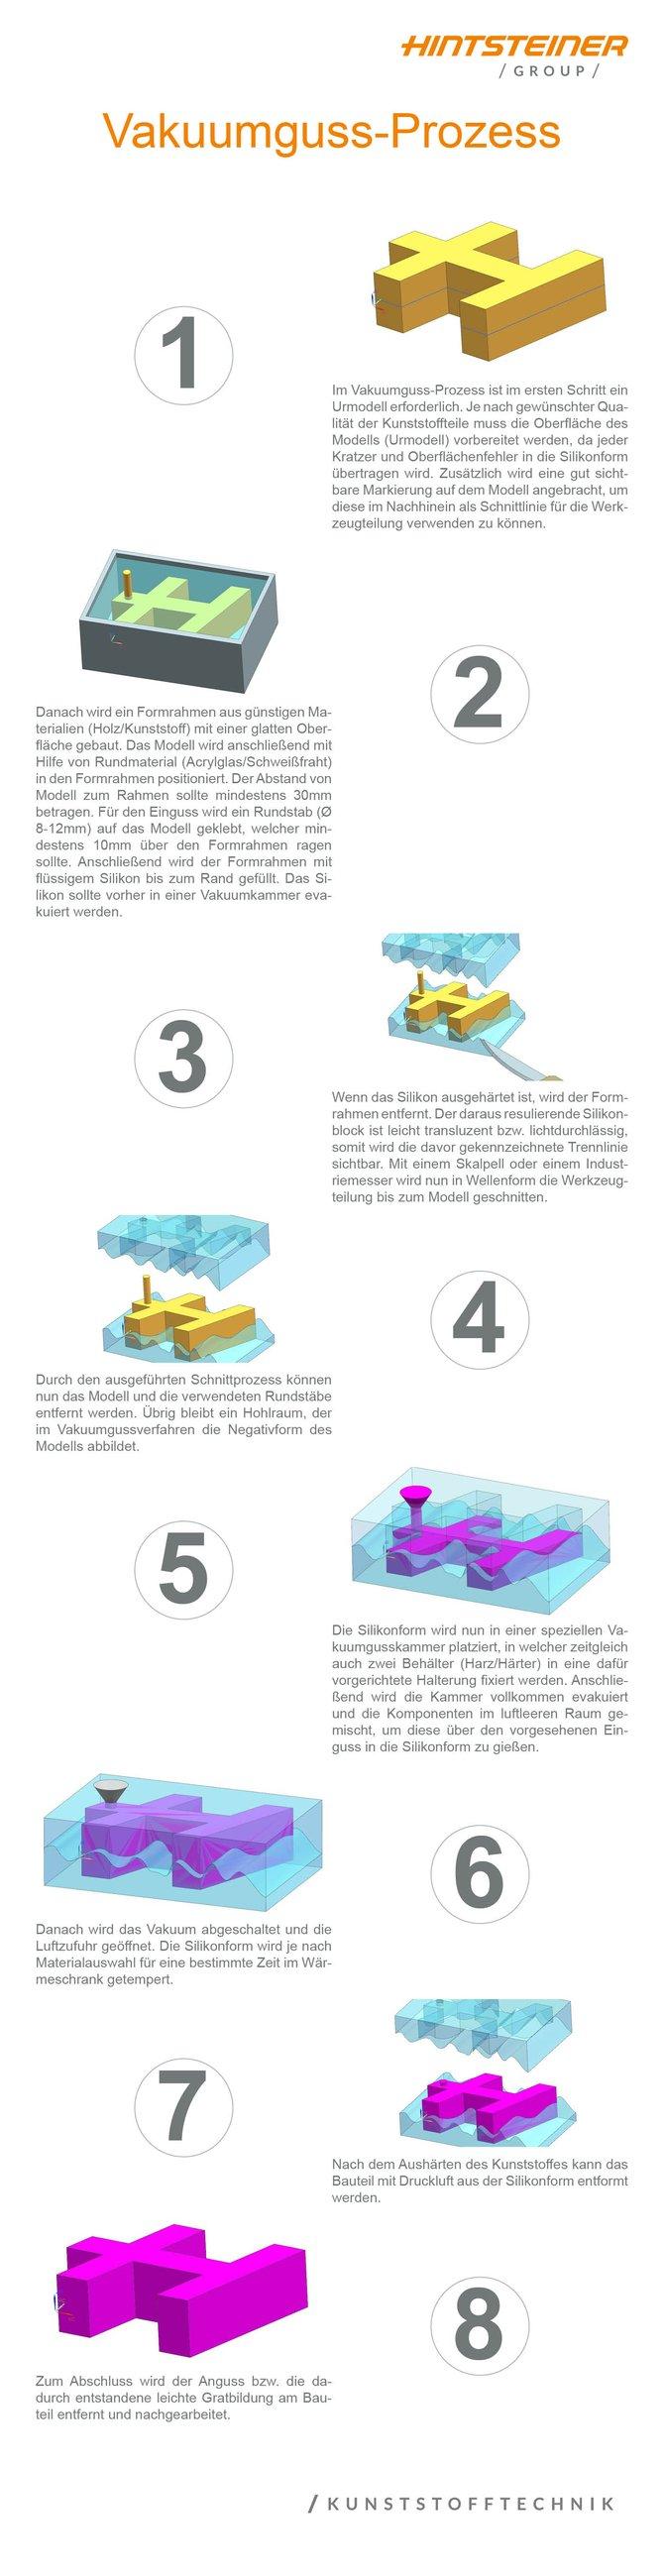 Vakuumguss-Prozess Hochformat